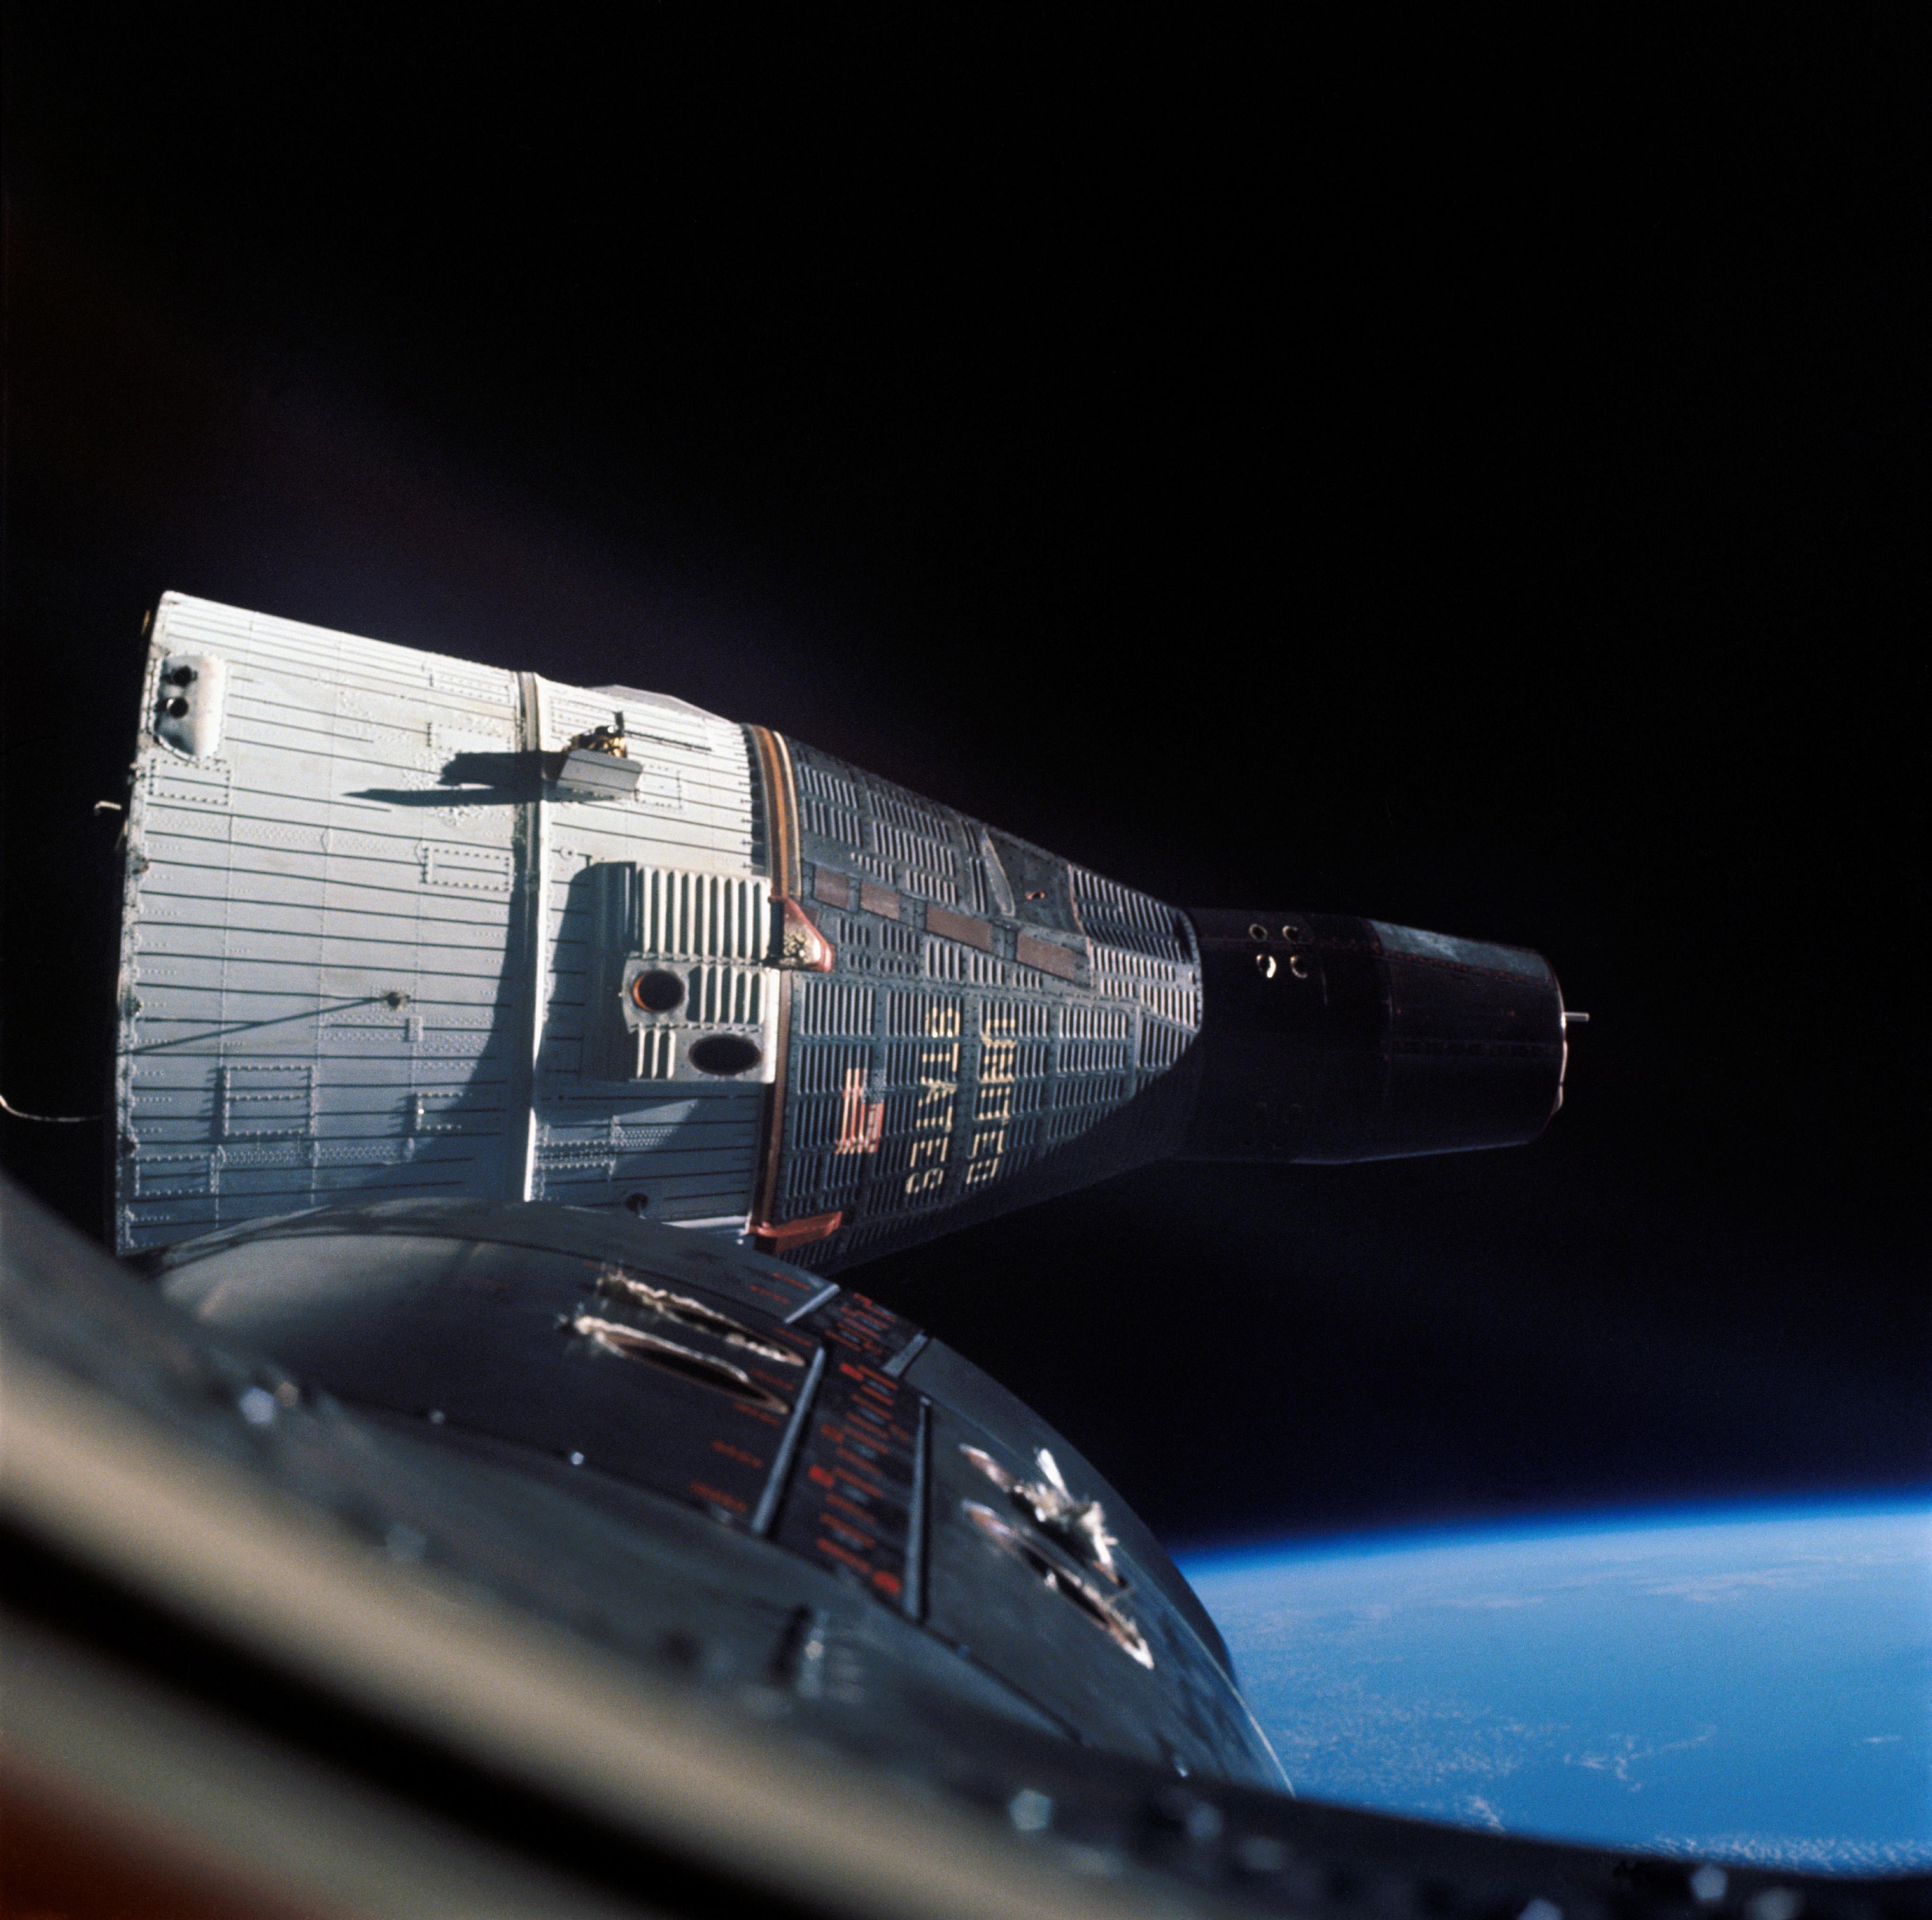 gemini 4 spacecraft documents - photo #32